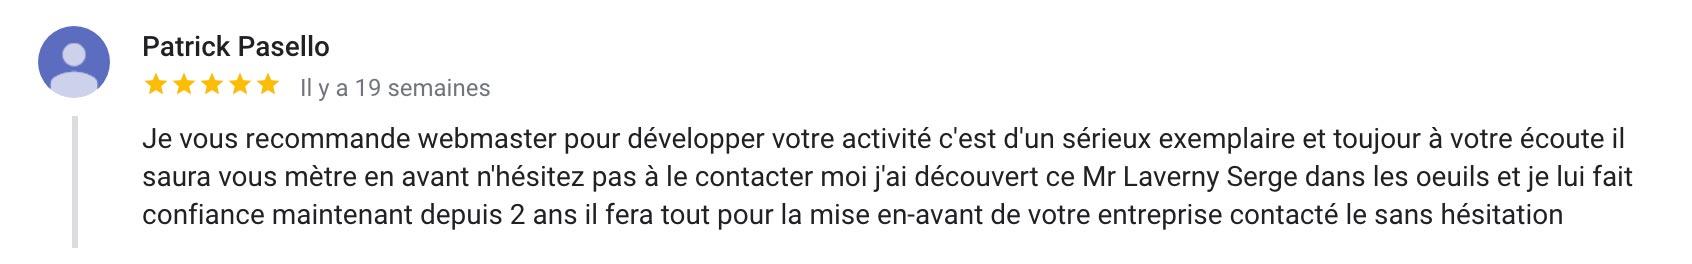 webmaster à Toulouse avis client de webmasterautop